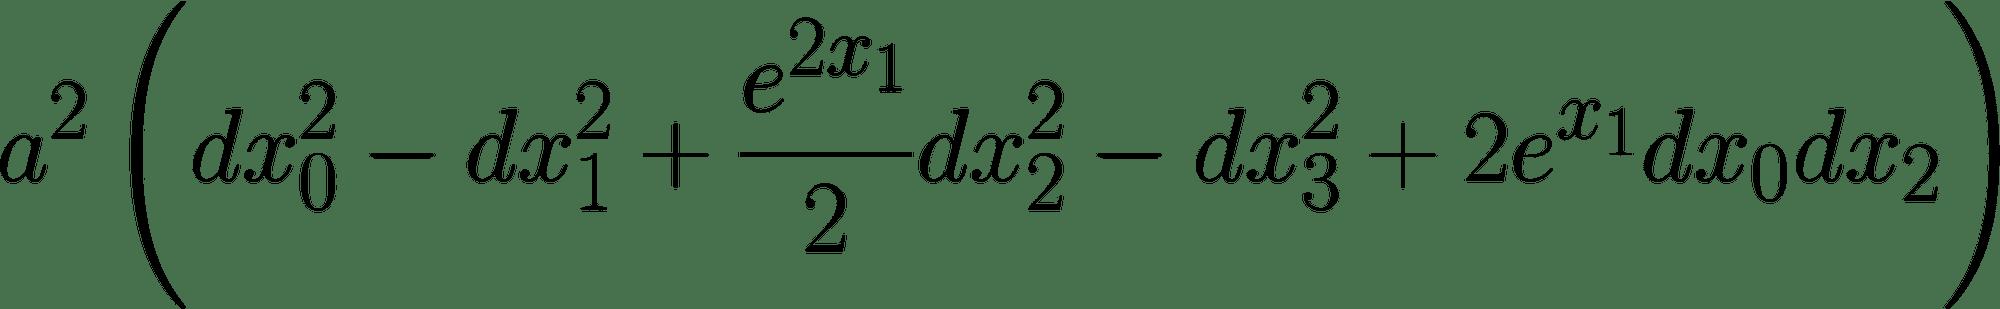 Die Formel beschreibt eine von Kurt Gödel gefundene Lösung der Einsteinschen Feldgleichungen, die Zeitreisen möglich macht.